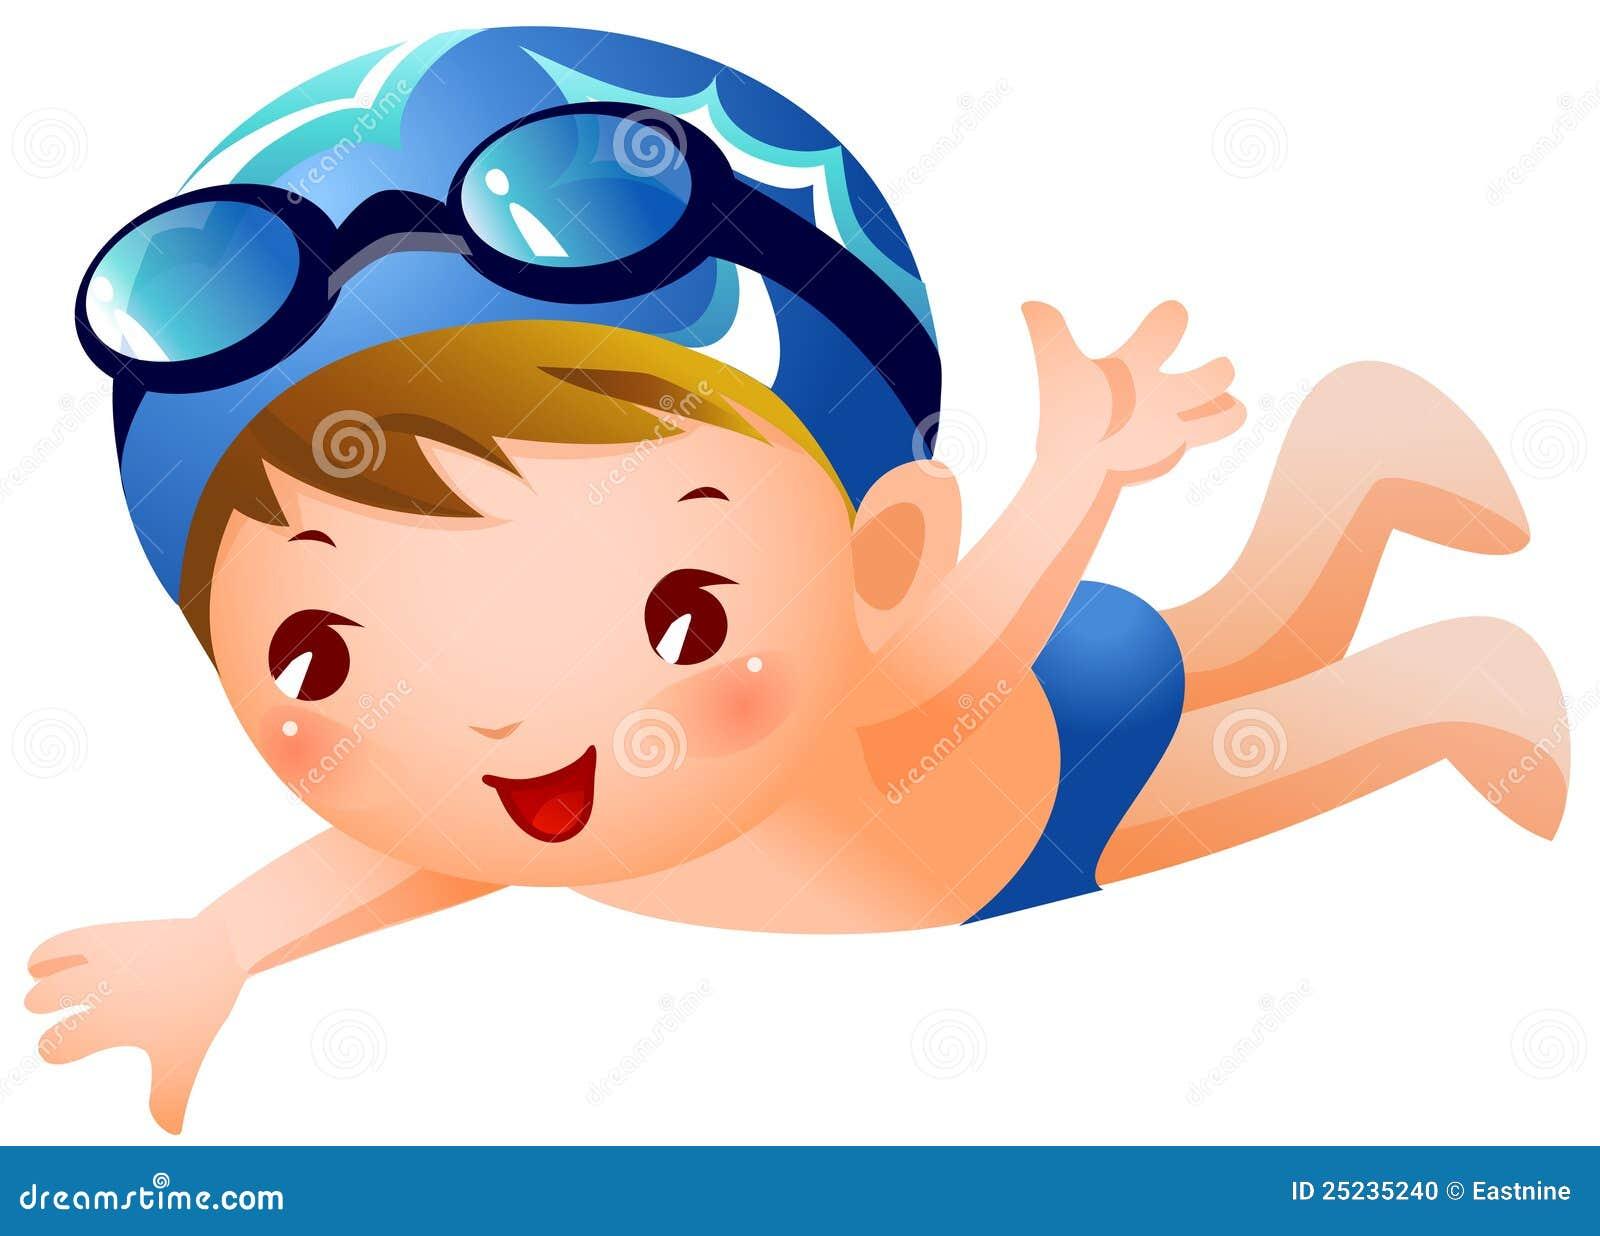 男孩游泳者 向量例证 插画 包括有 背包 女演员 Beauvoir 享受 附庸风雅 快乐 数字式